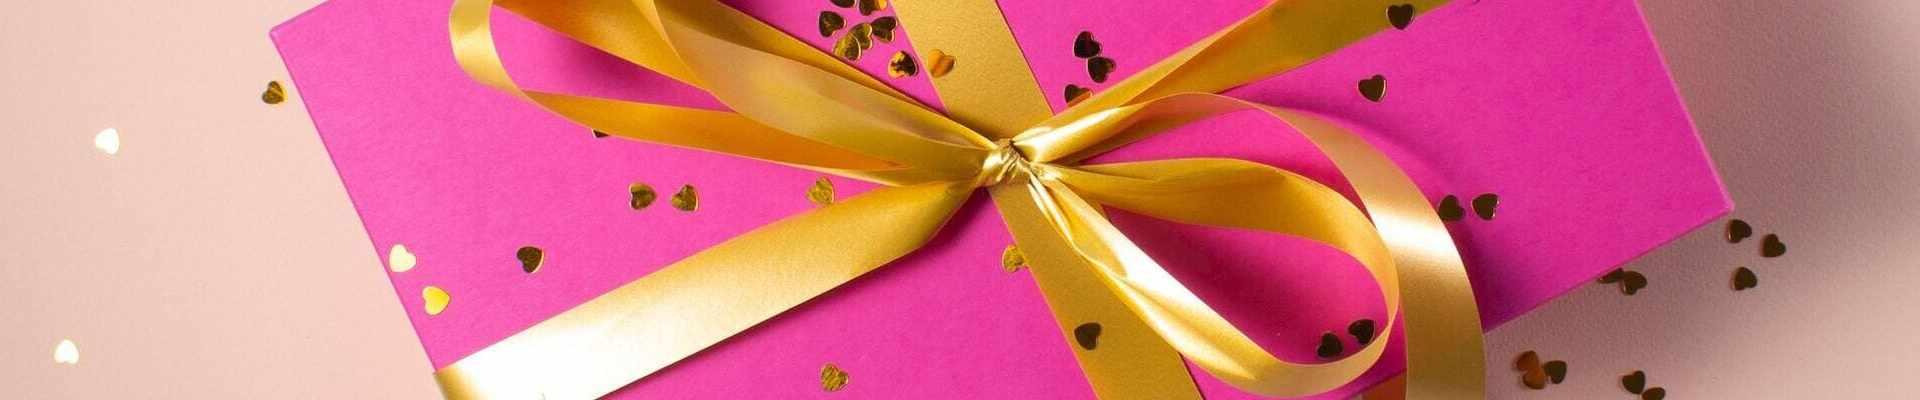 regalos a domicilio